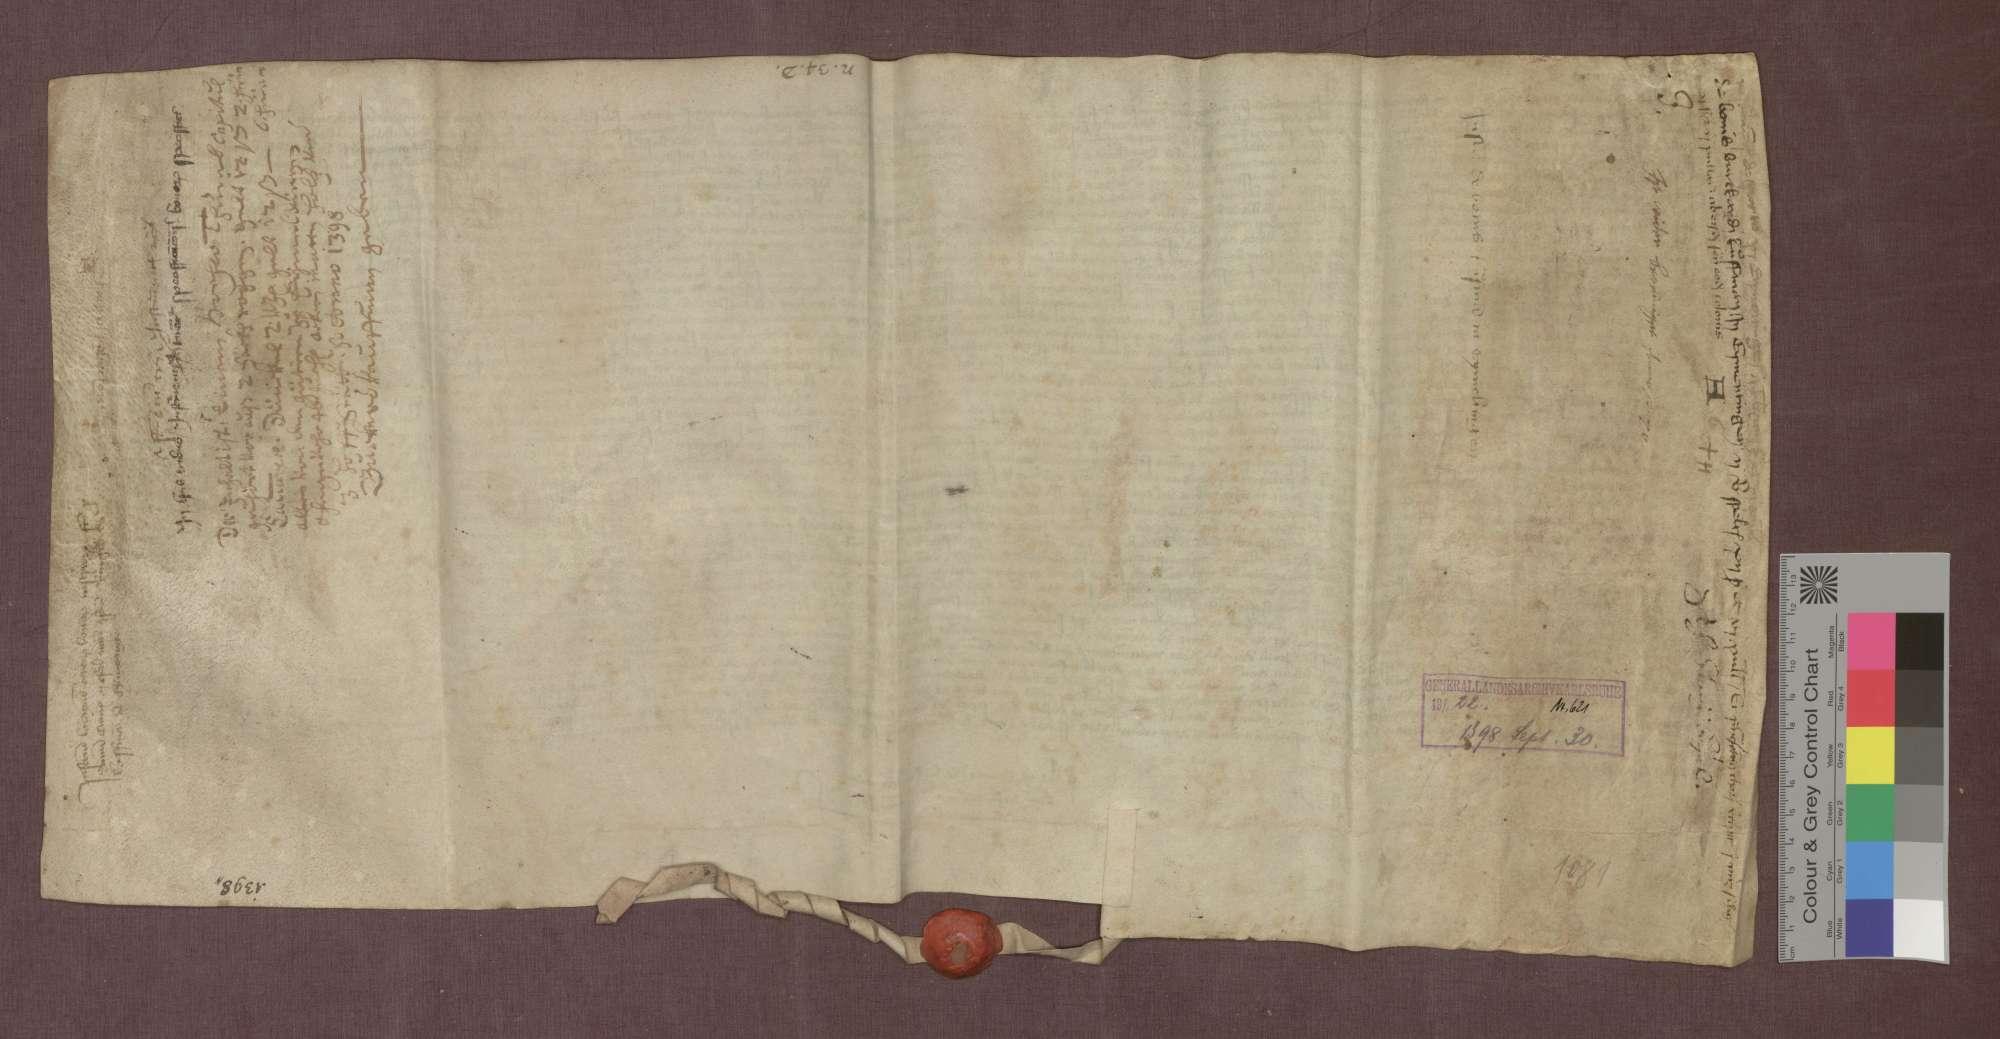 Lehnbrief des Basler Domkapitels für Burkhard gen. Kaufman von Eimeldingen über Güter zu Eimeldingen, Kirchen, Haltingen und Hiltlingen., Bild 2